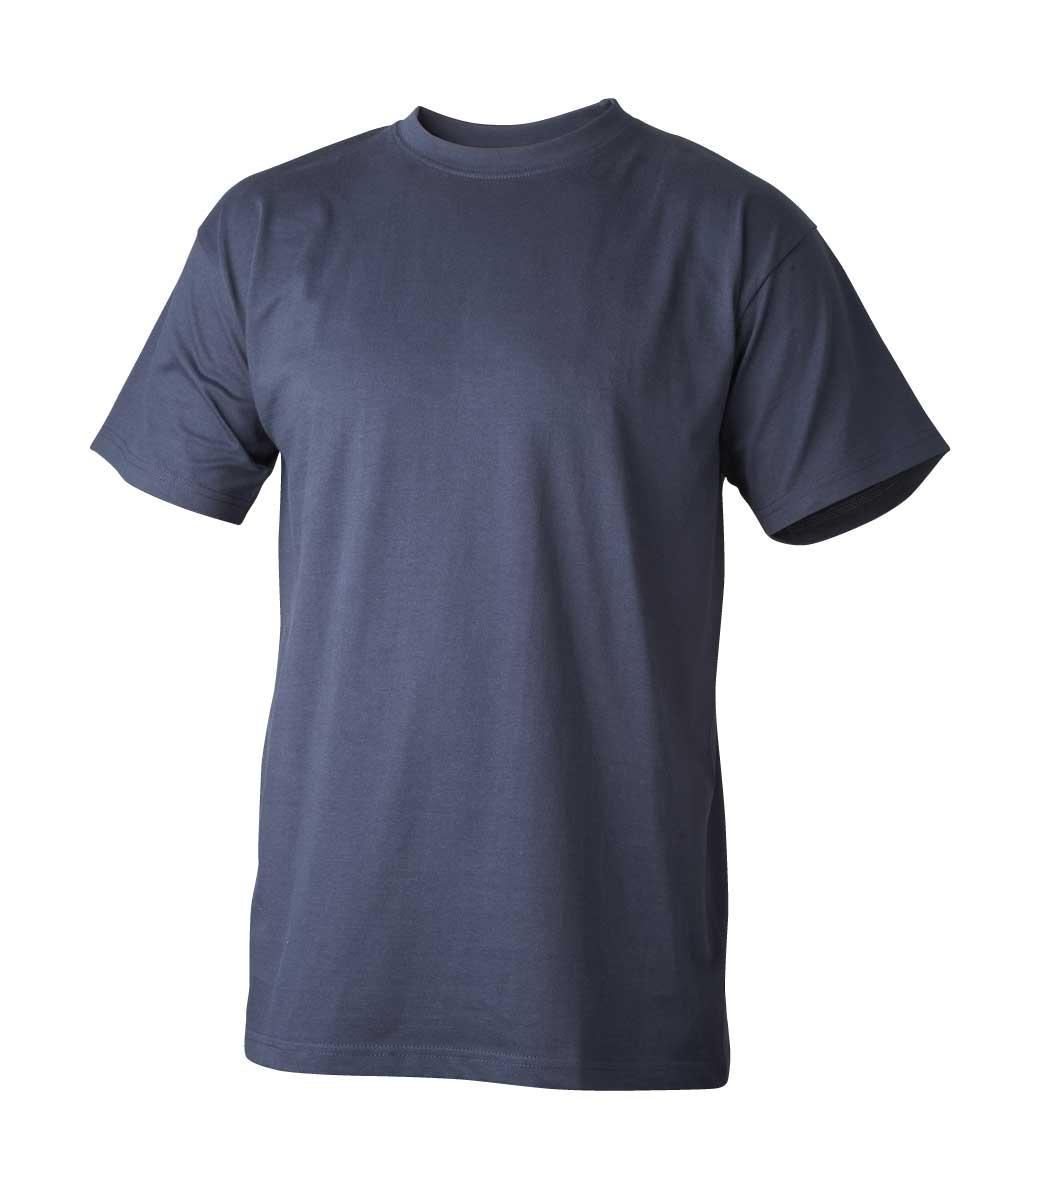 Svart t skjorte dame forhøyet synlighet ~Logo + profilering.